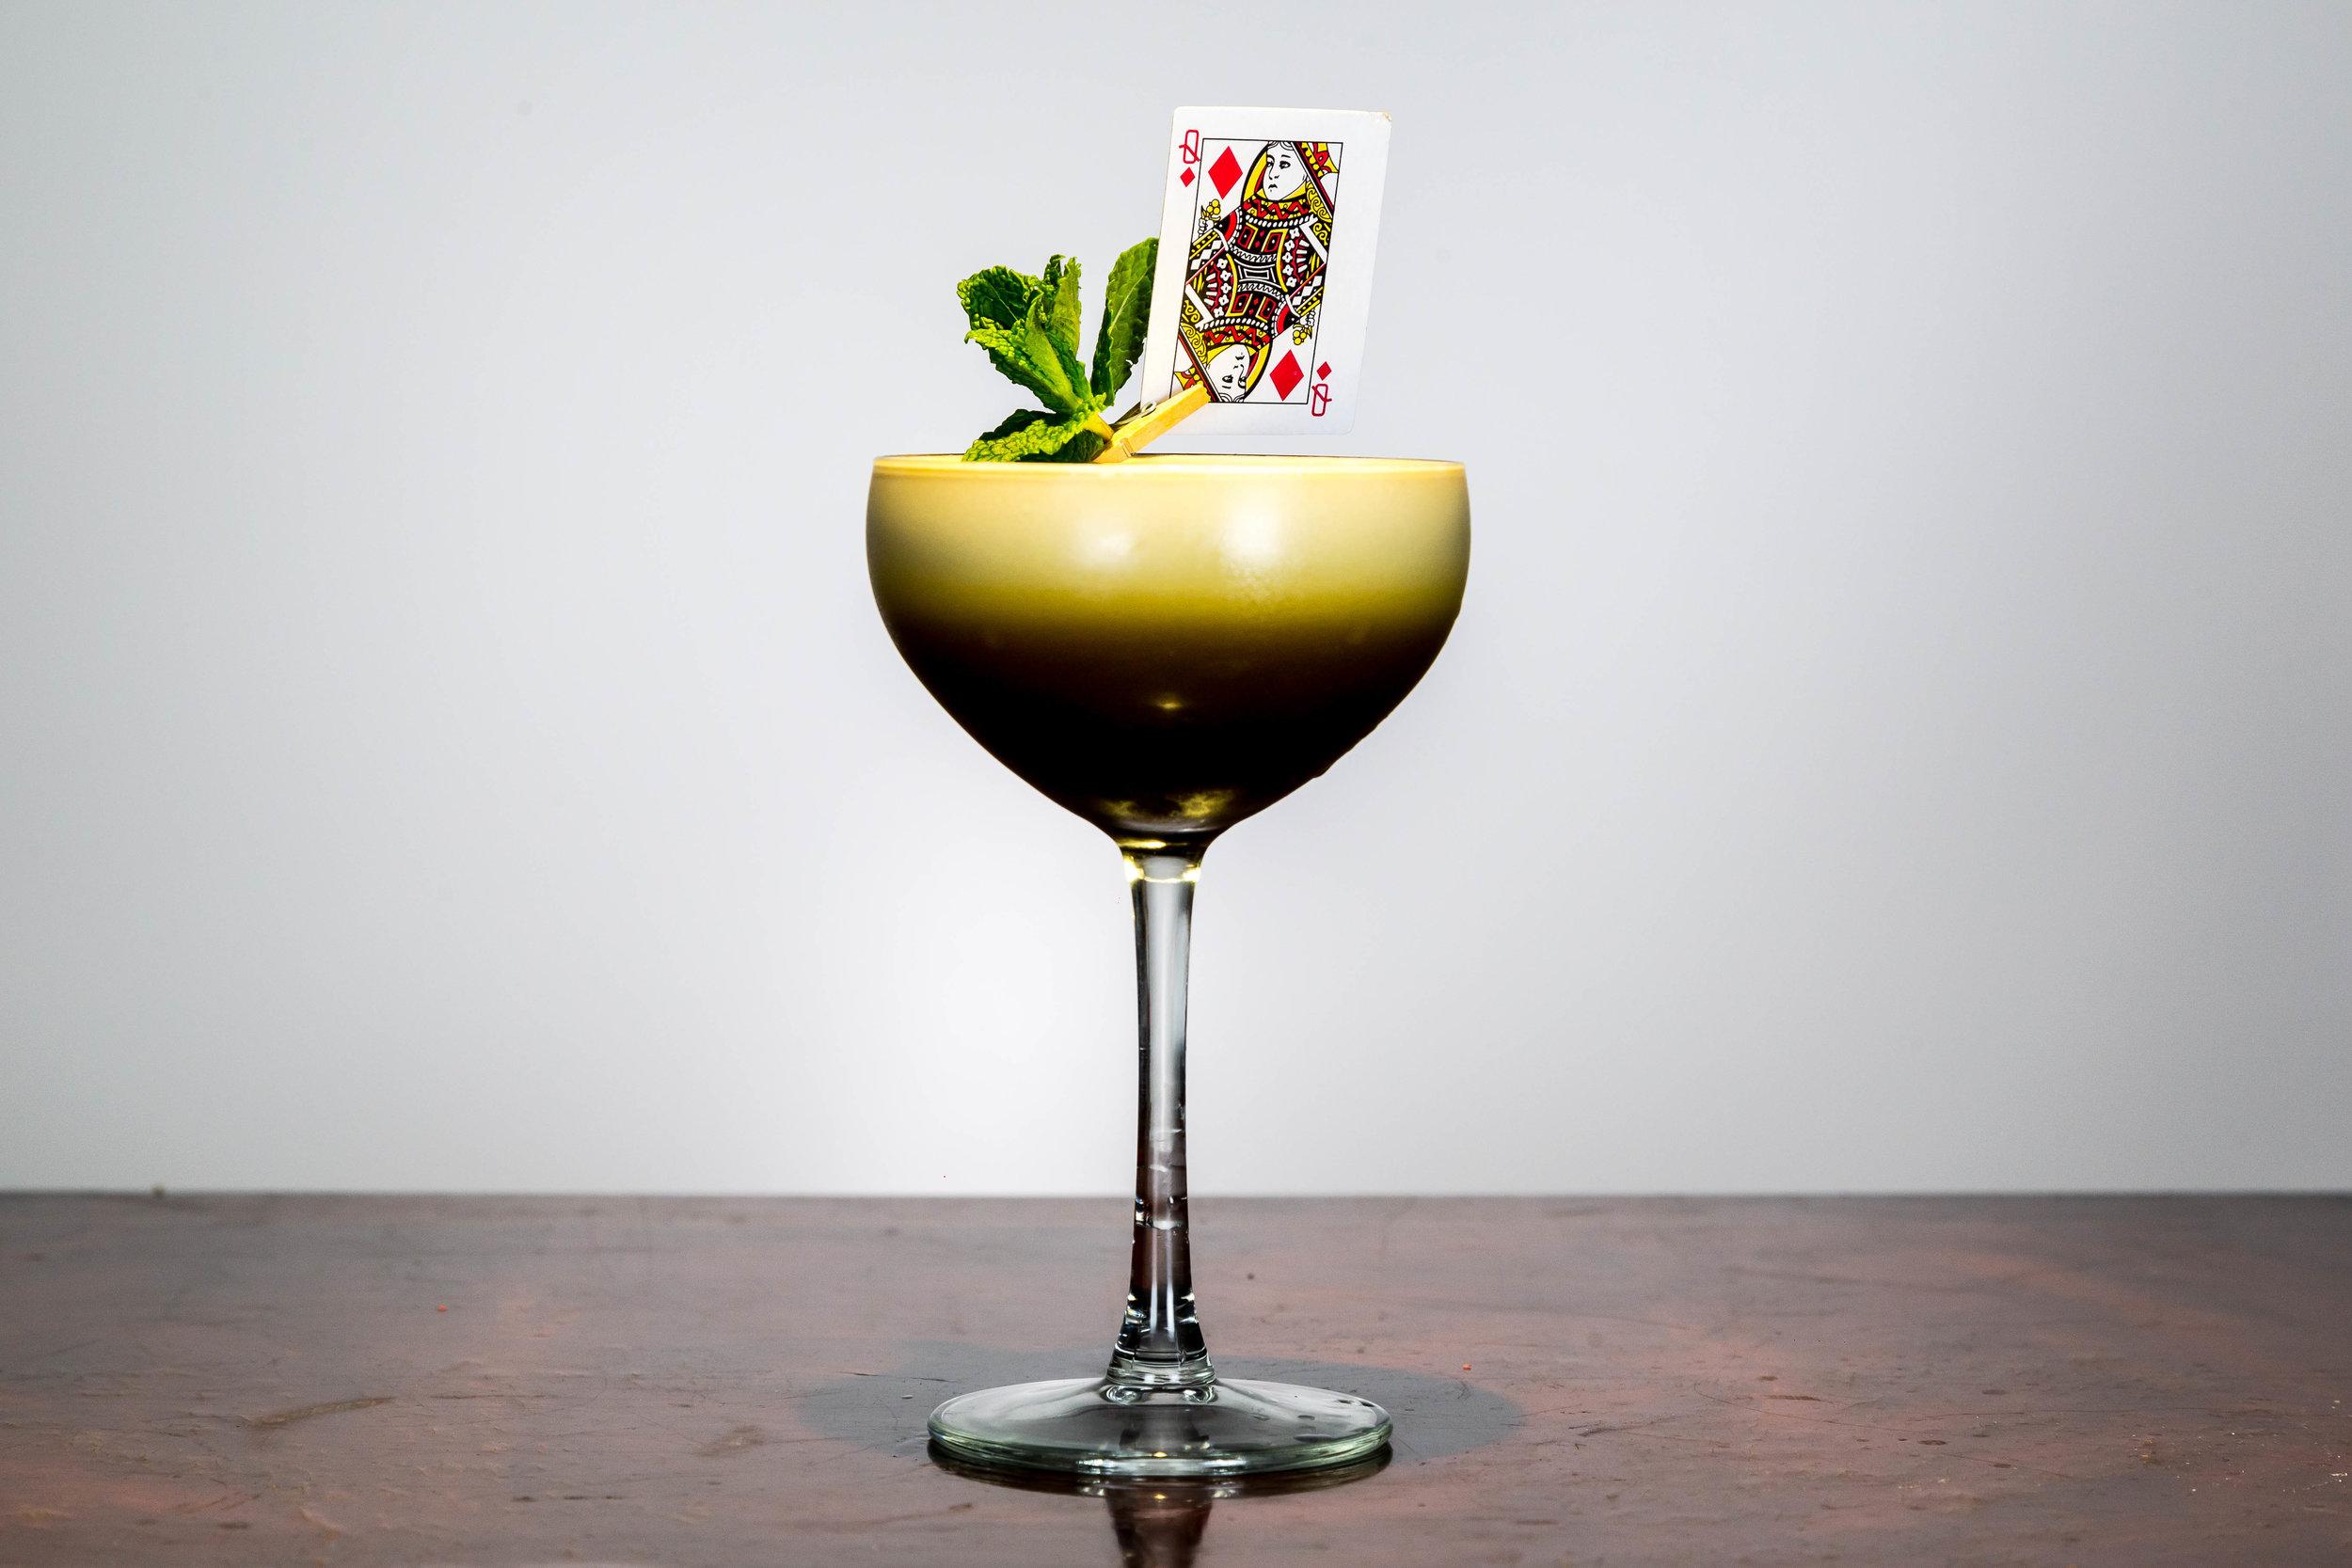 espresso-martini-cocktail.jpg